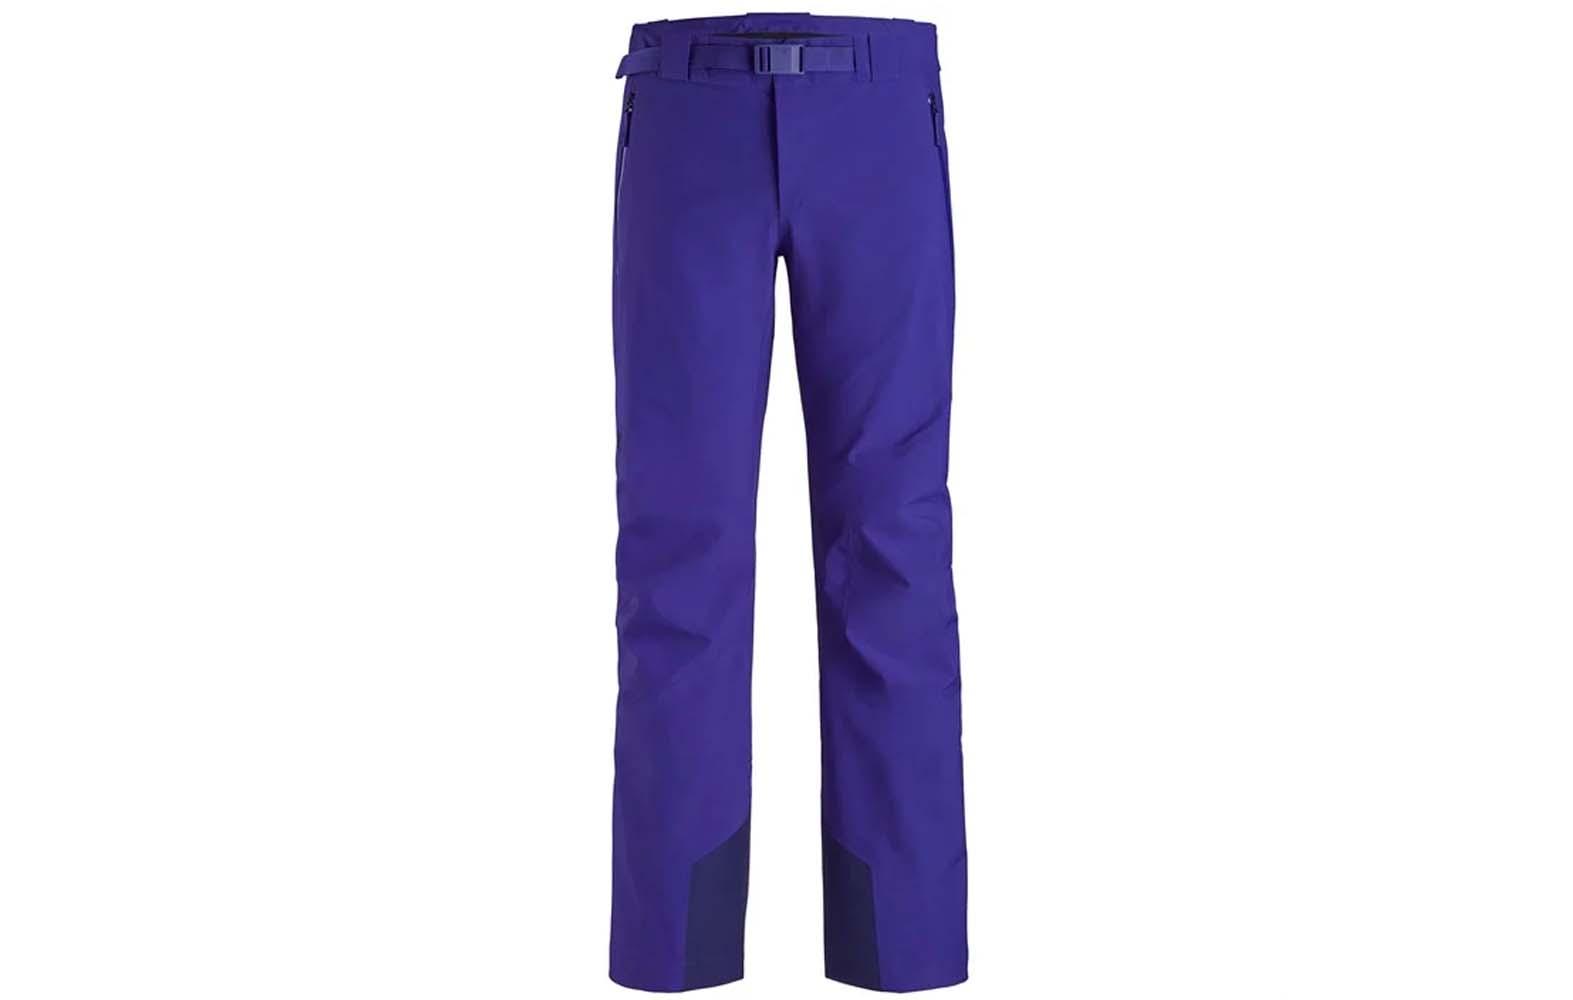 arcteryx sabre pants